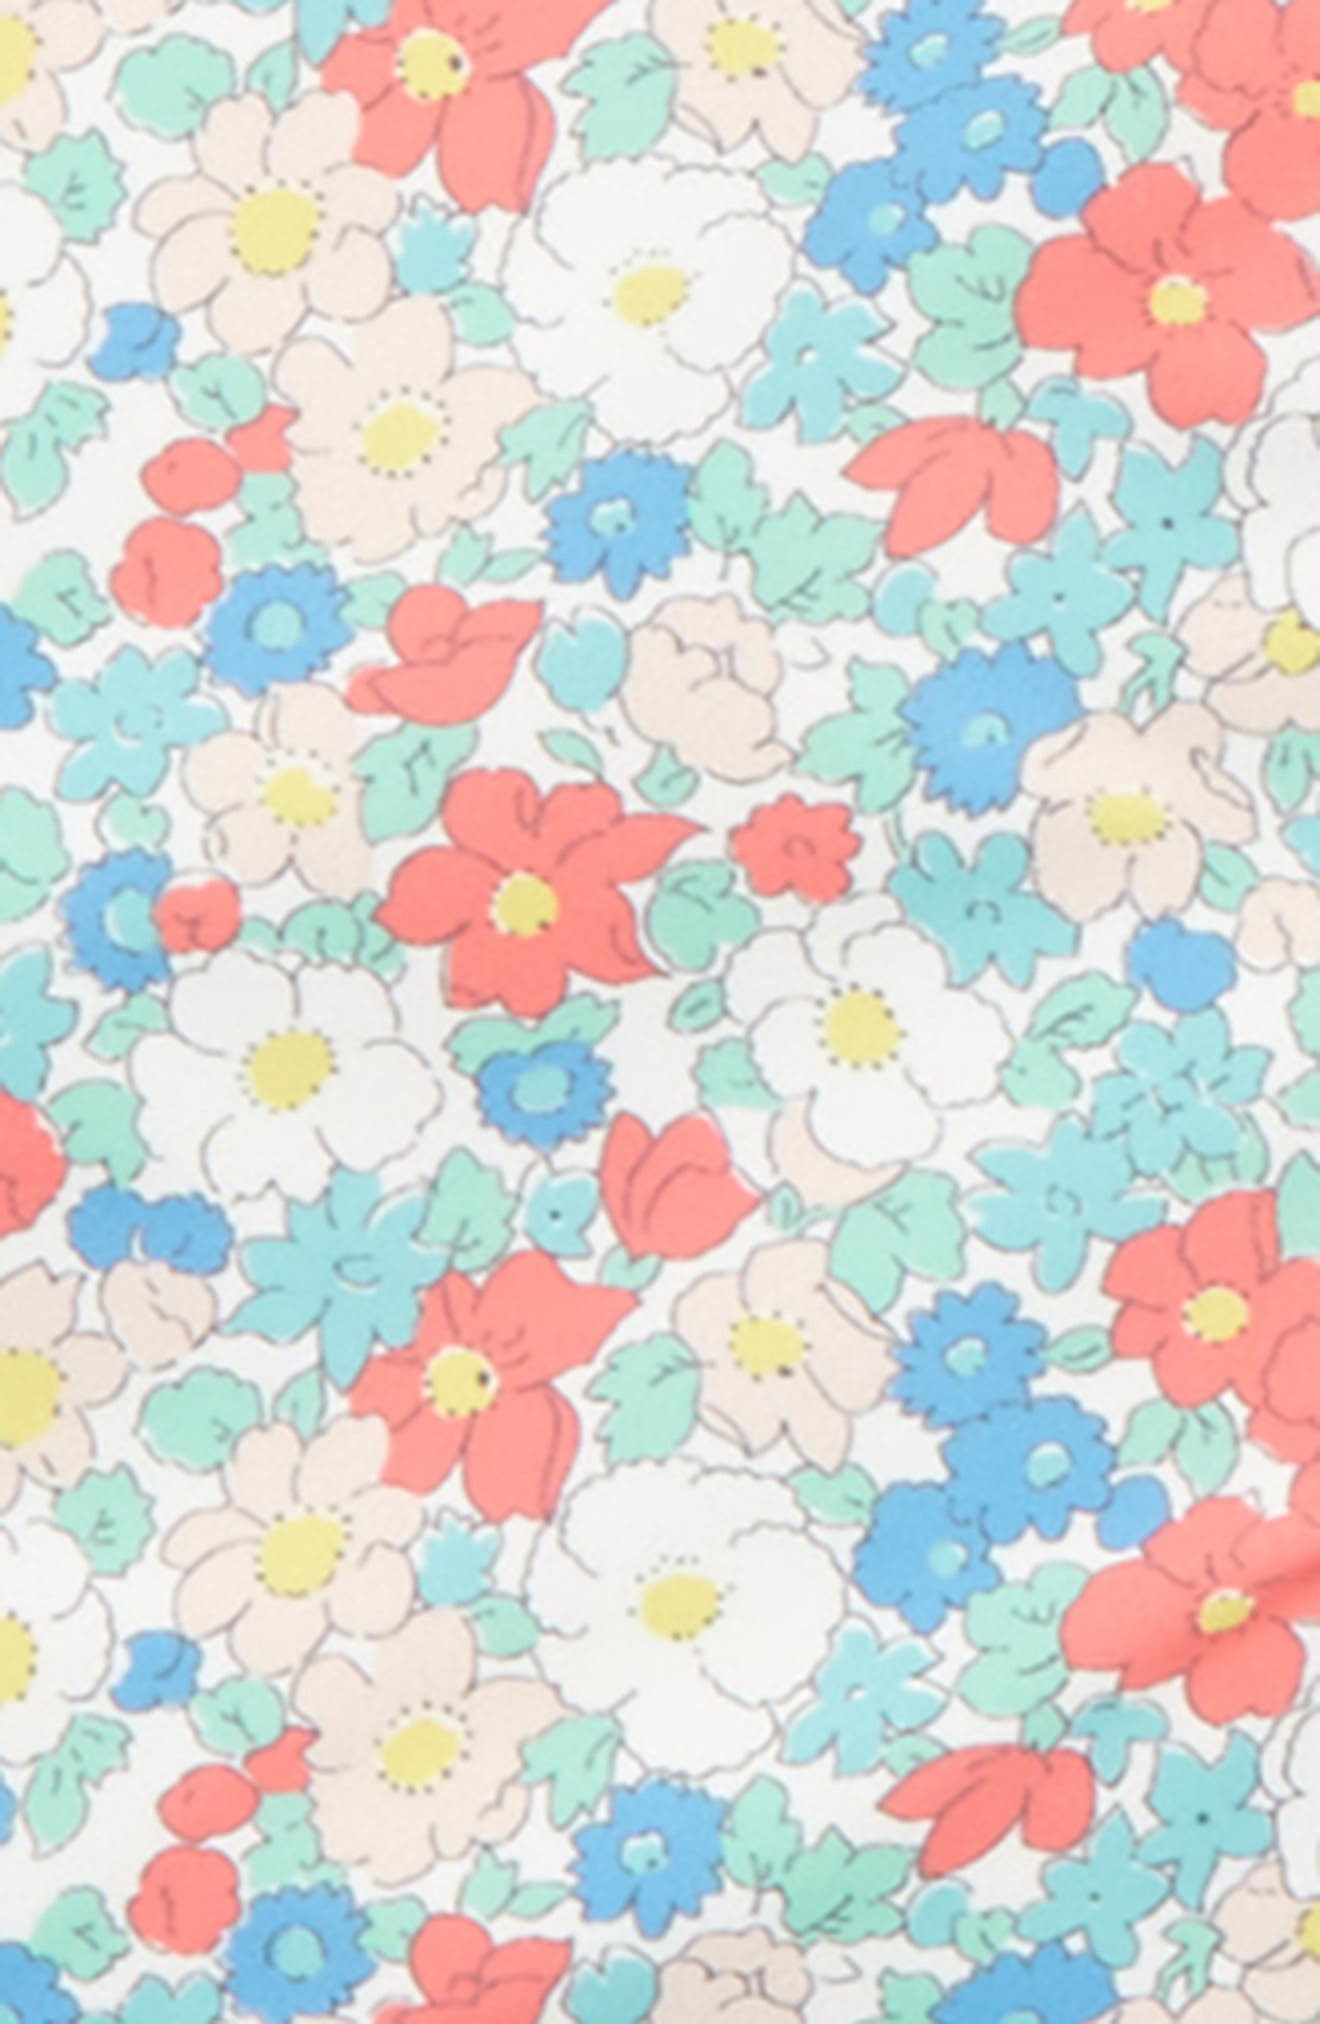 Packaway Waterproof Jacket,                             Alternate thumbnail 4, color,                             Strawberry Pink Floral